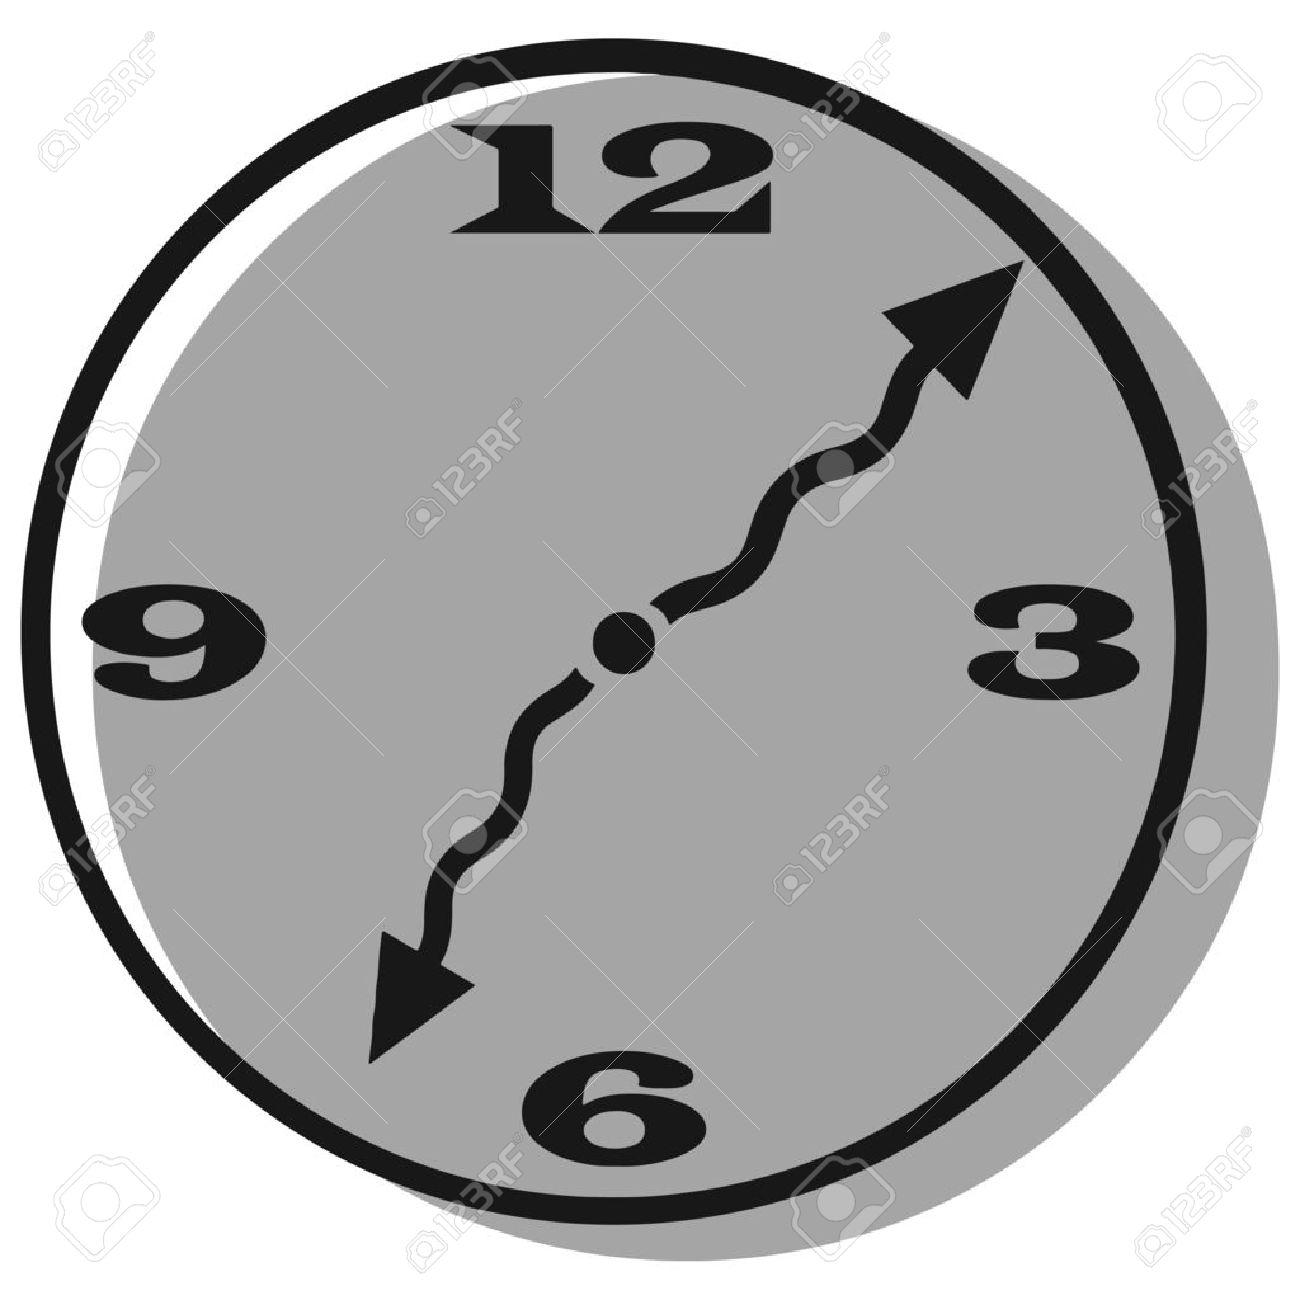 1300x1300 Clock Clipart Transparent. Clock Clip Art At Clkercom Vector